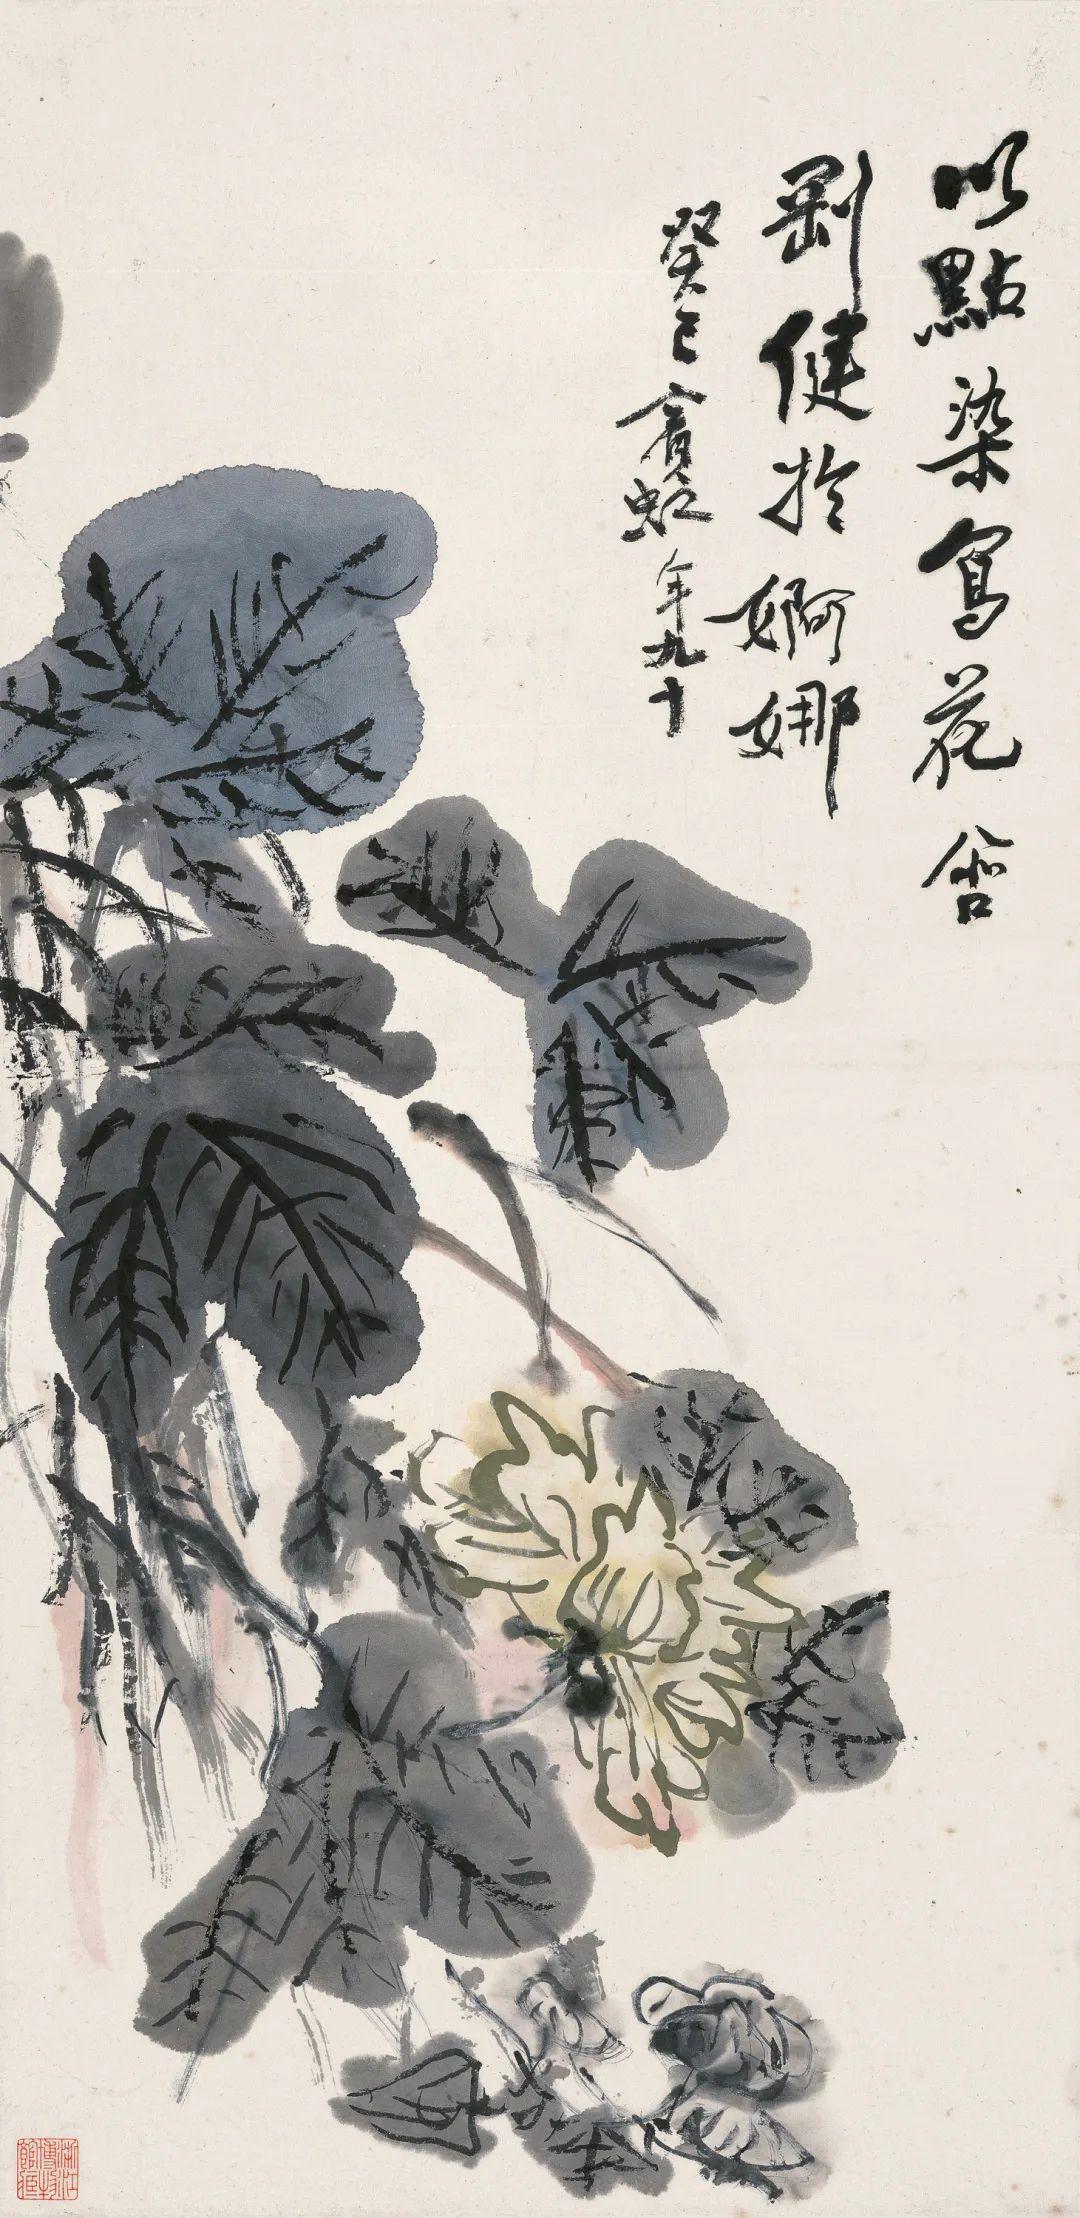 芙蓉 黄宾虹 68.5×33.2cm 1953年 浙江省博物馆藏